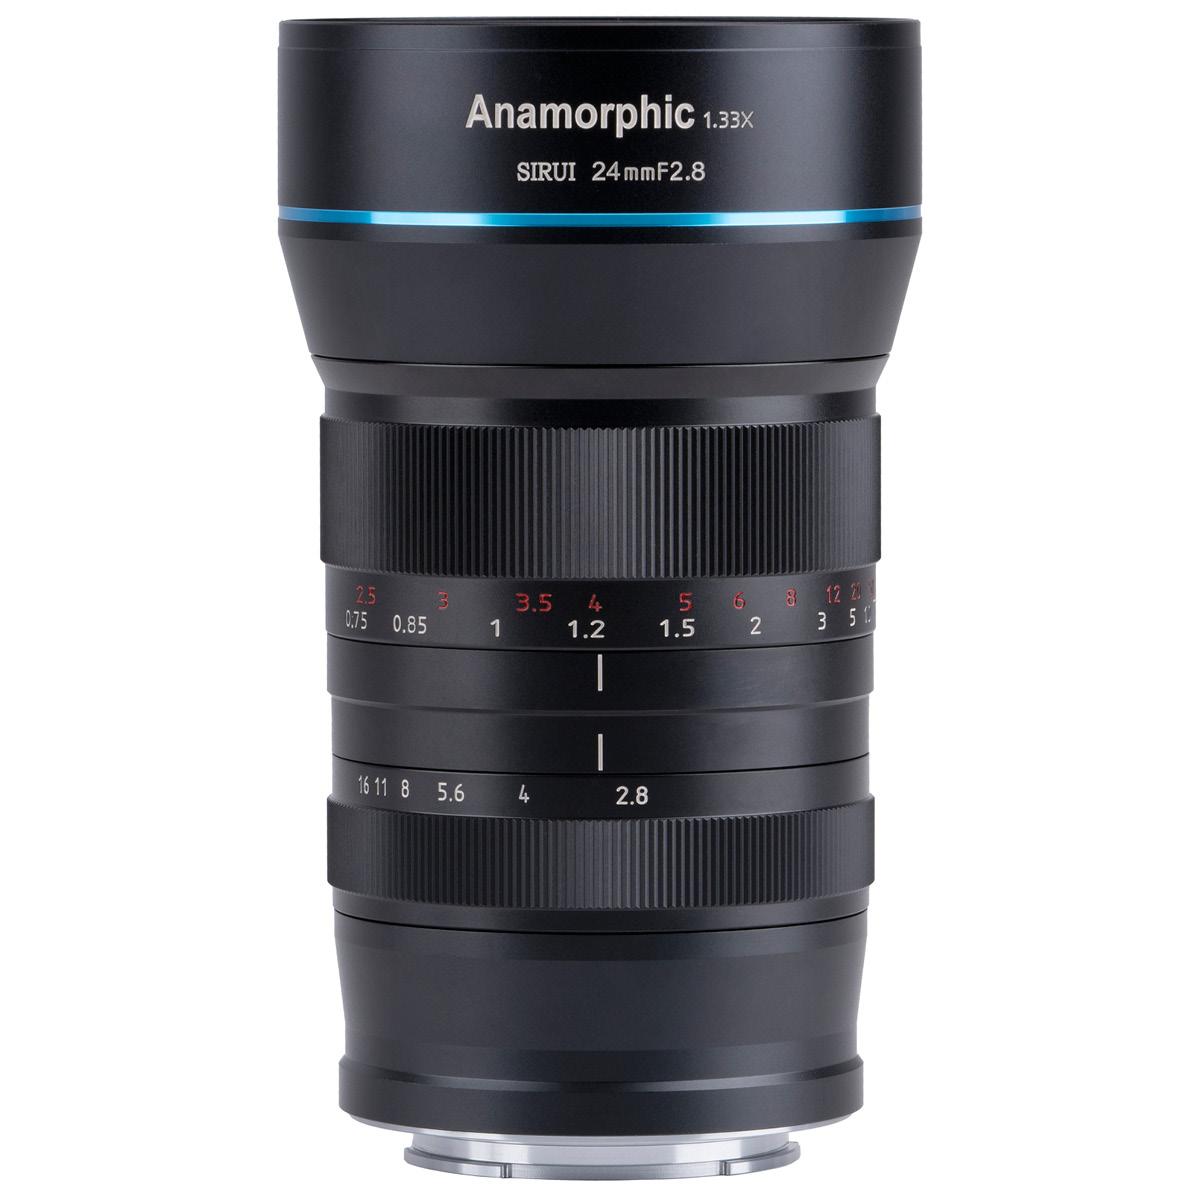 Sirui 24 mm 1:2,8 Anamorph 1,33x für Fujifilm X